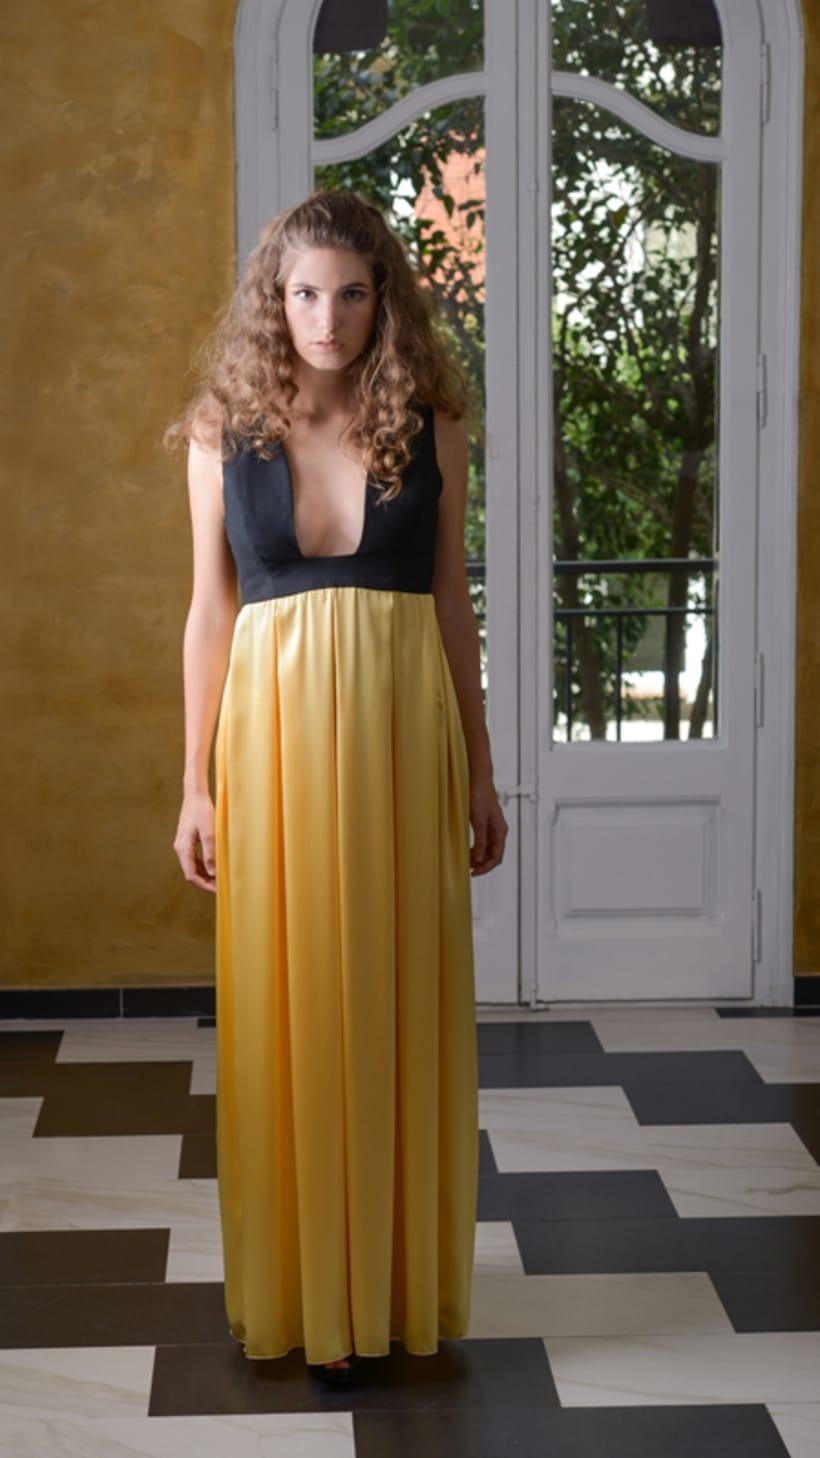 M O D A   E-COMMERCE: Look-Book Agnès Sunyer Verano 2014 8